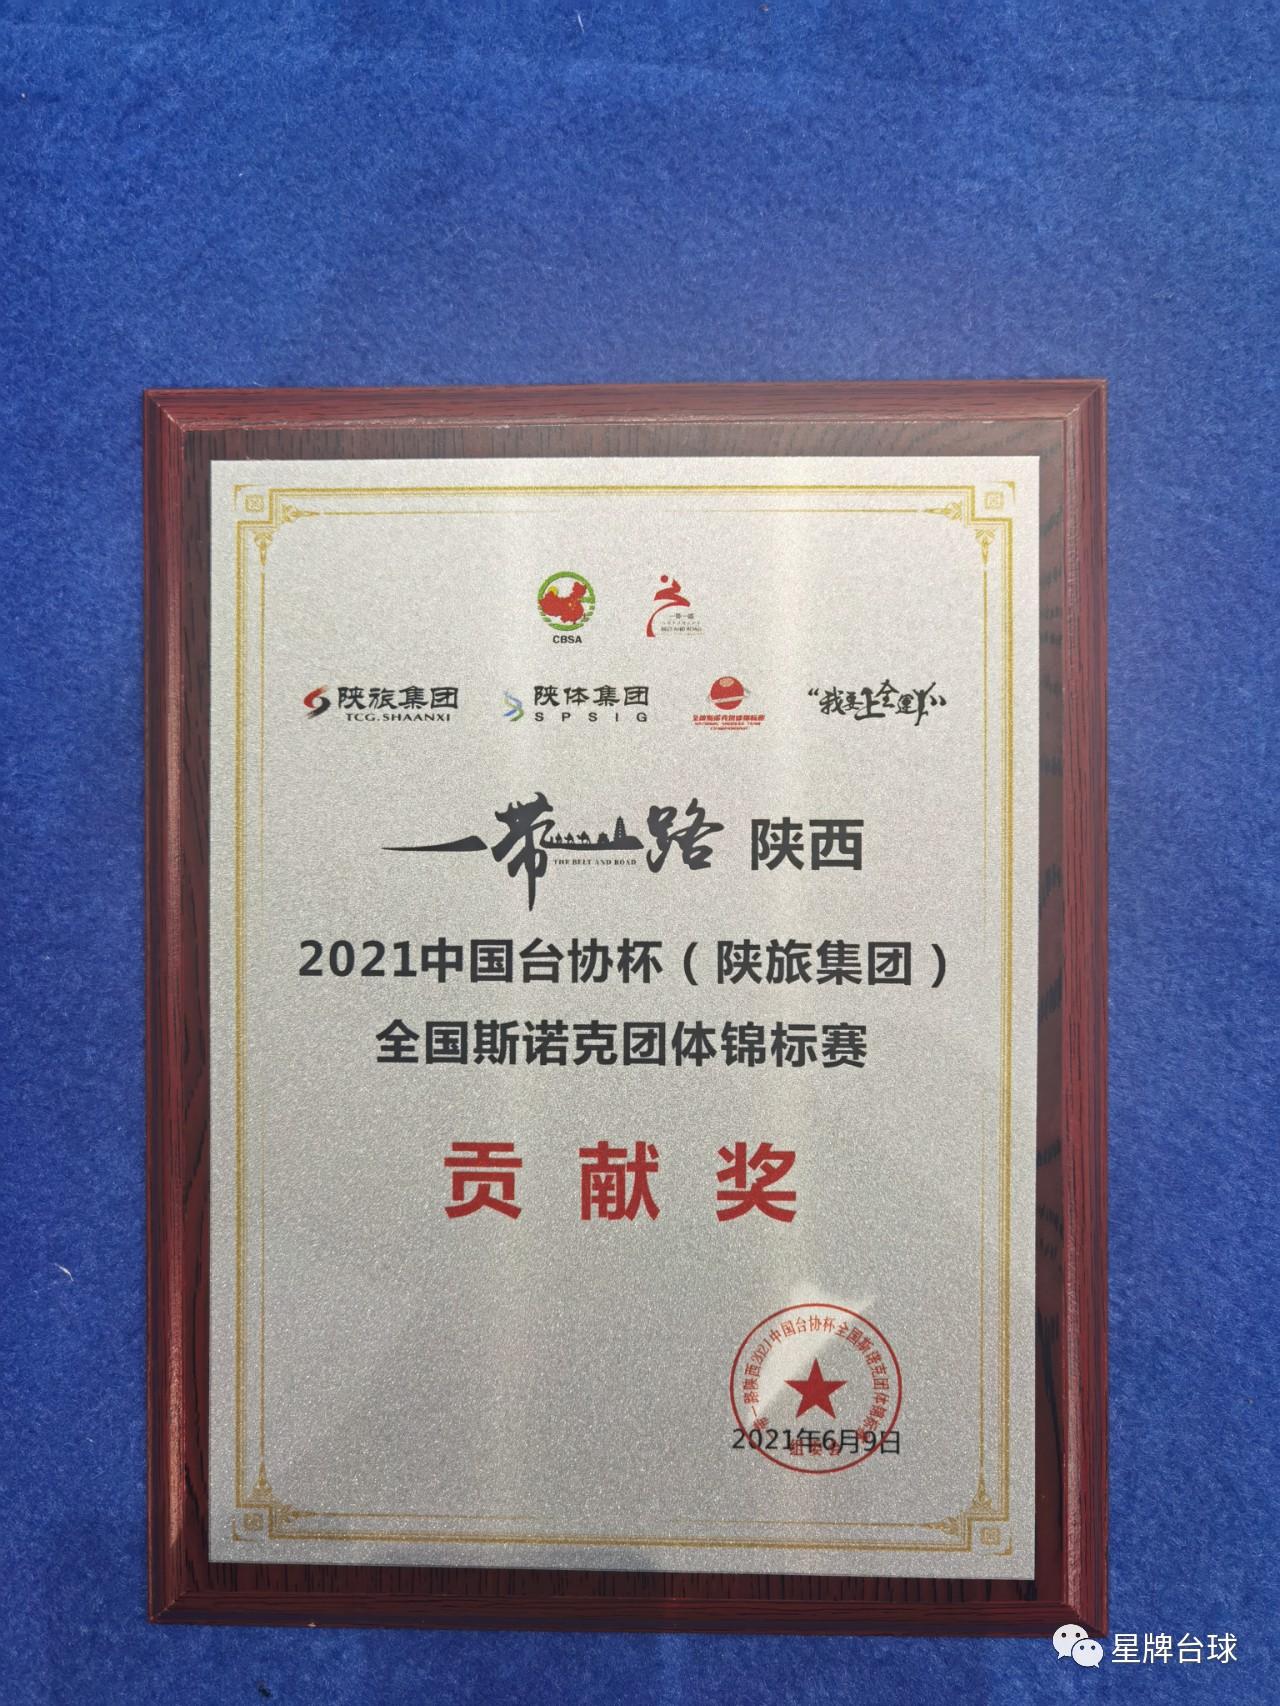 全国斯诺克团体锦标赛圆满落幕 星牌获得贡献奖